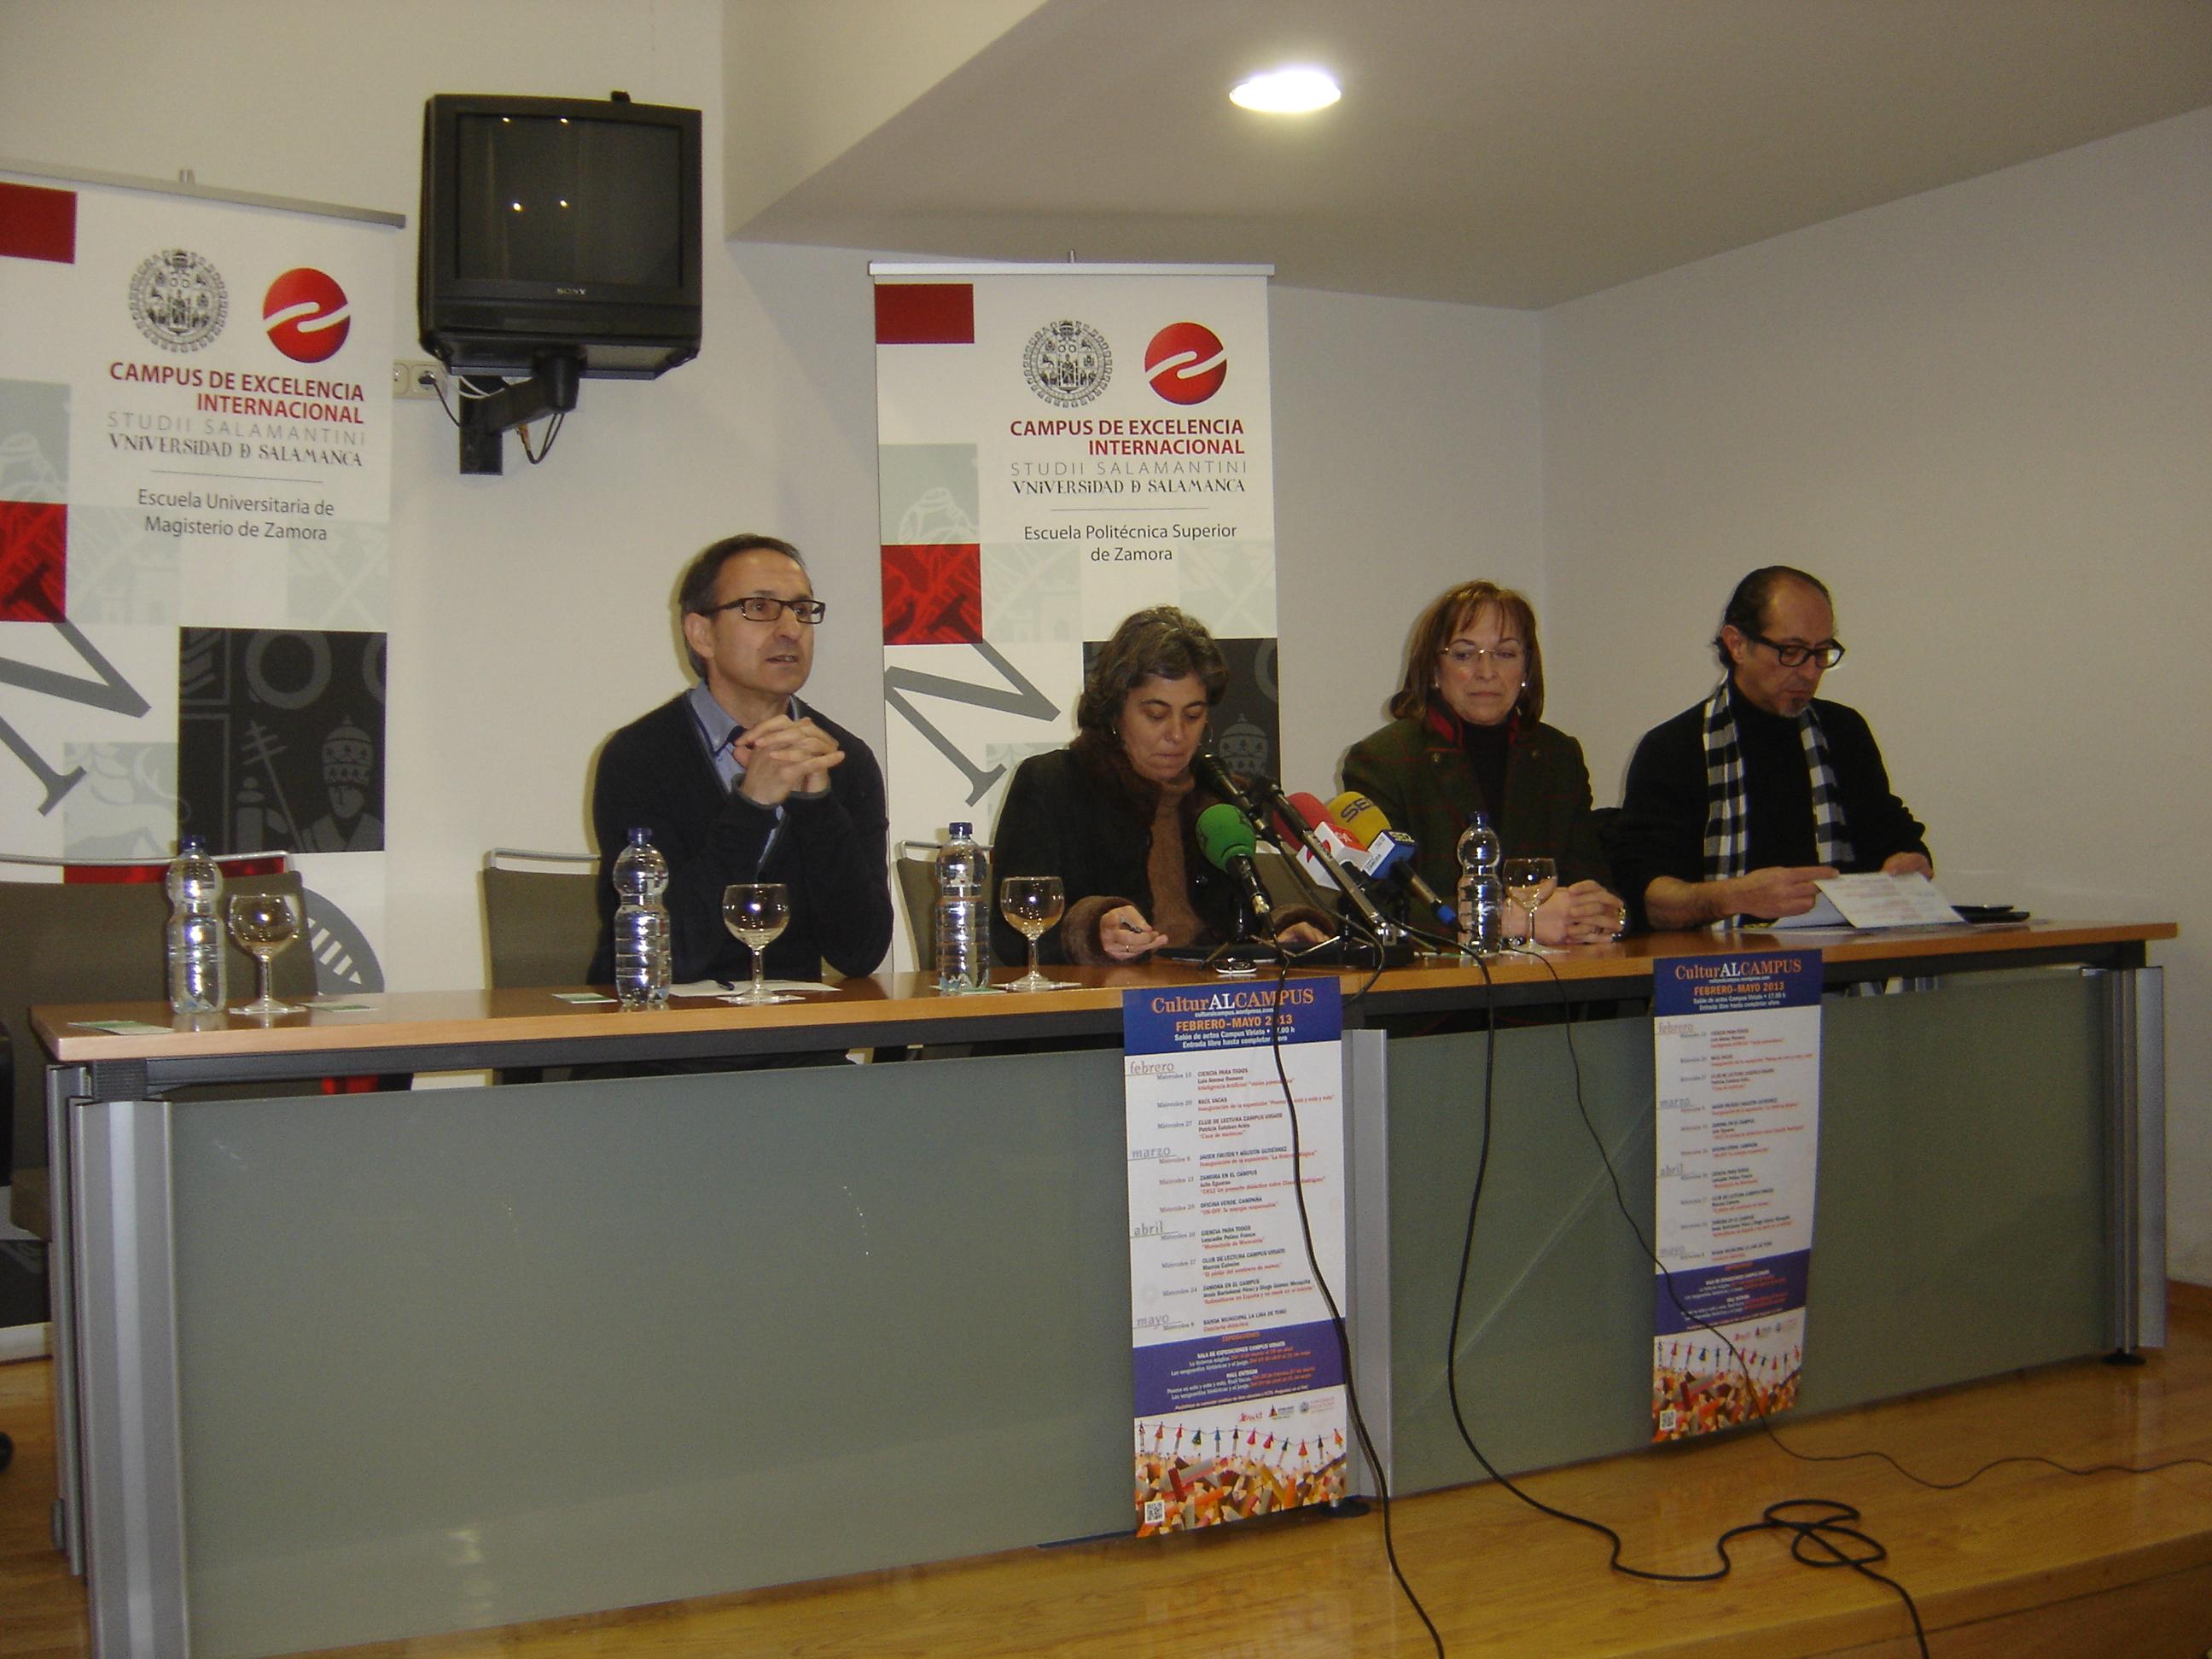 El poeta Raúl Vacas presenta la exposición 'Poema es esto, y esto, y esto' dentro del programa CulturaALCAMPUS